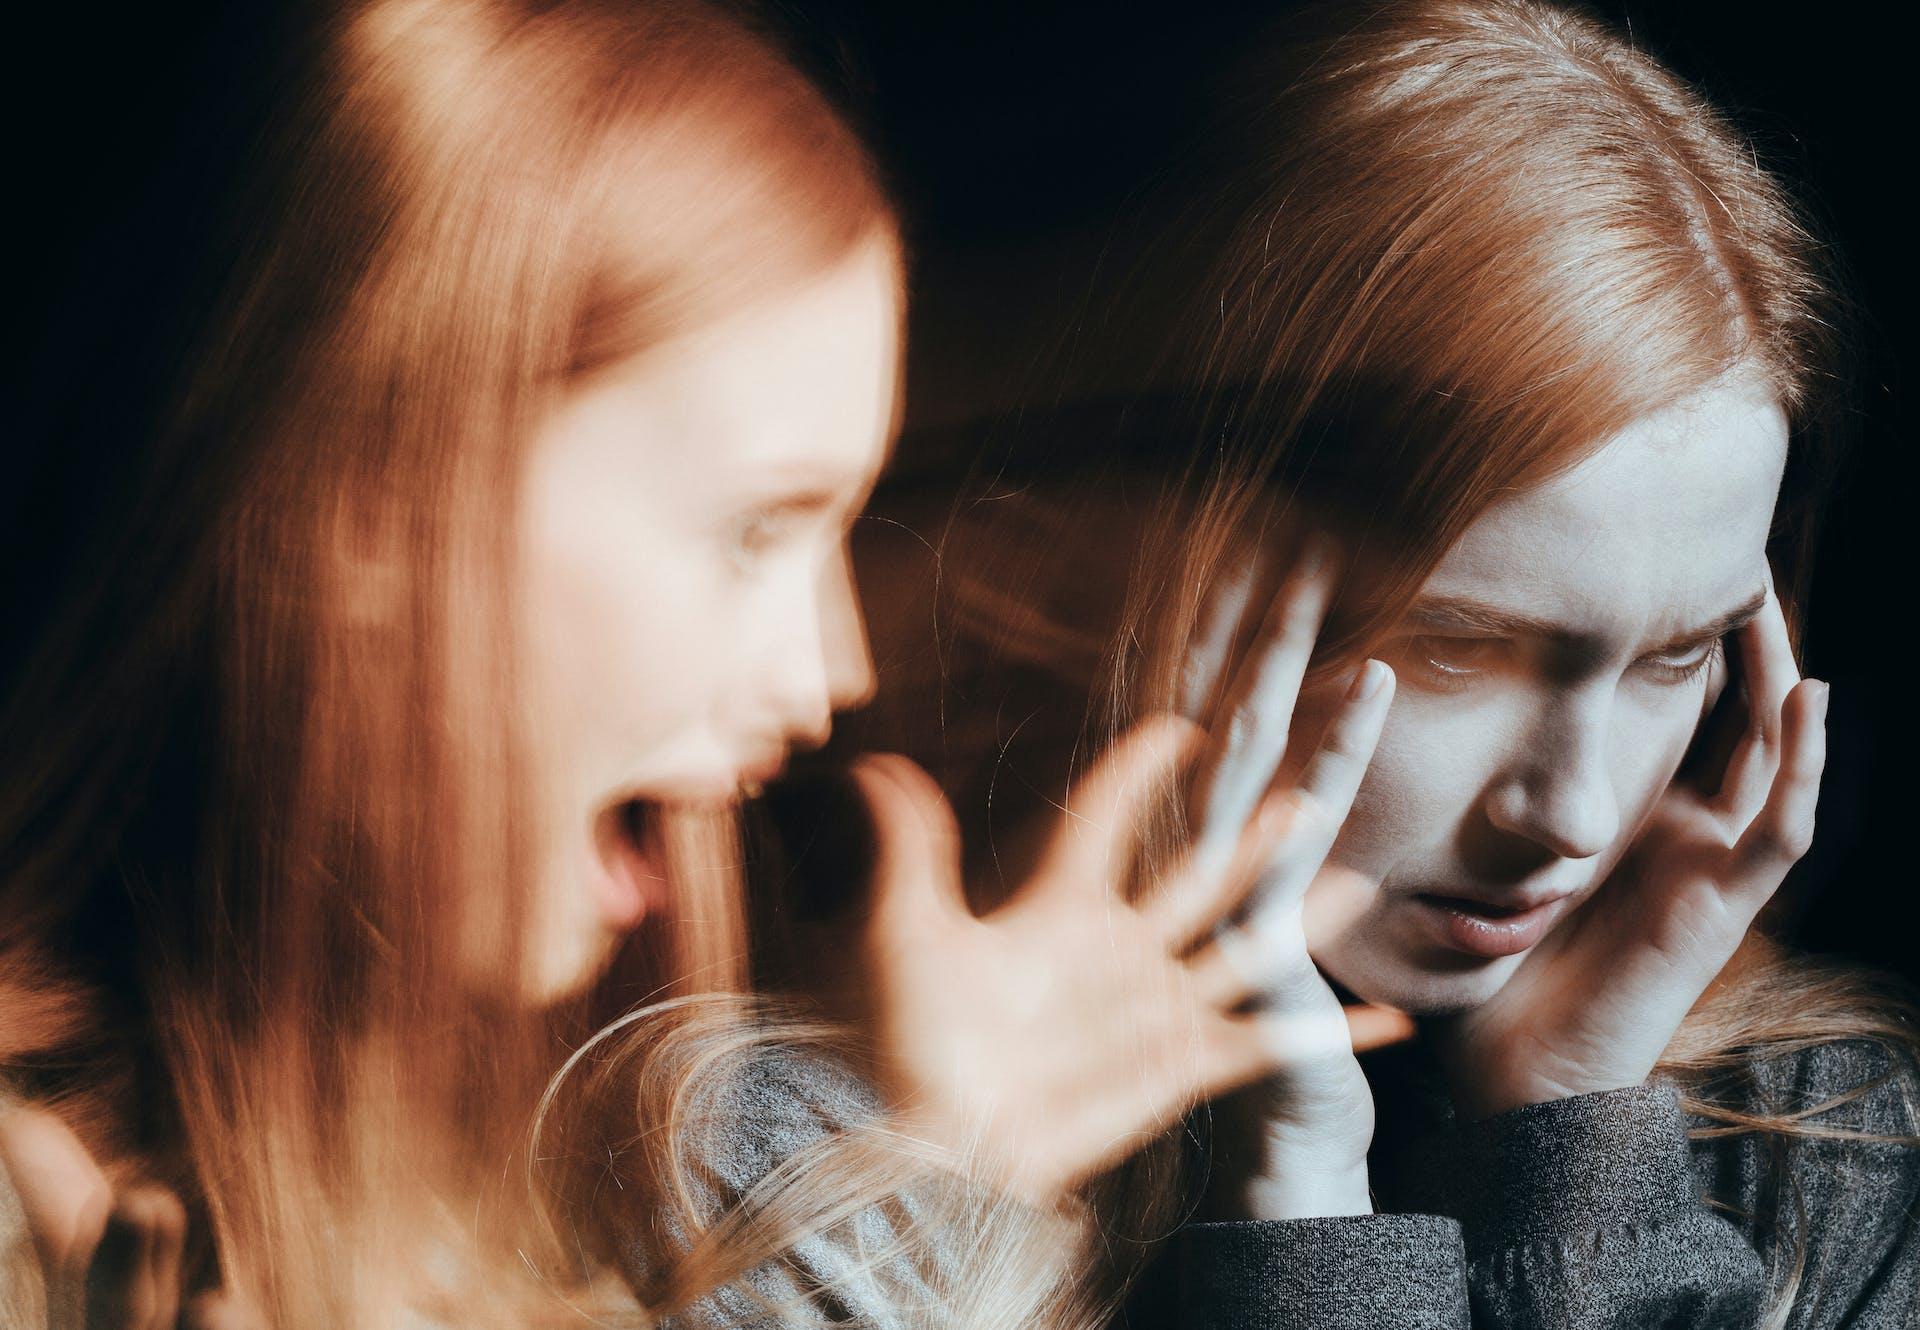 Uit een baanbrekend onderzoek blijkt dat 10 genen bepalen of je risico loopt op de ziekte schizofrenie.